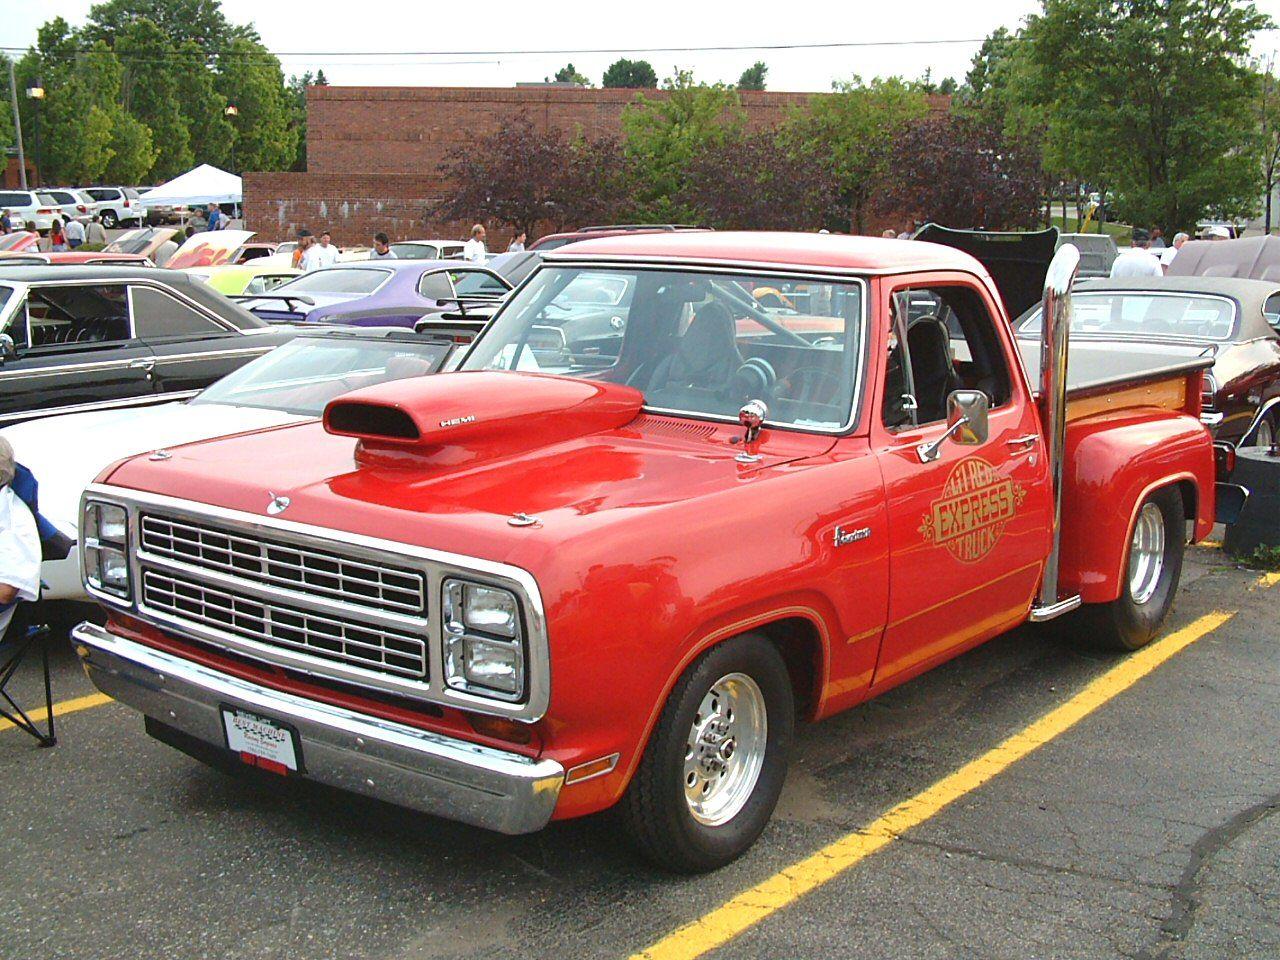 dodge lil red express 1978 dodge lil red express truck with 426 hemi frt qtr bennigan s car. Black Bedroom Furniture Sets. Home Design Ideas